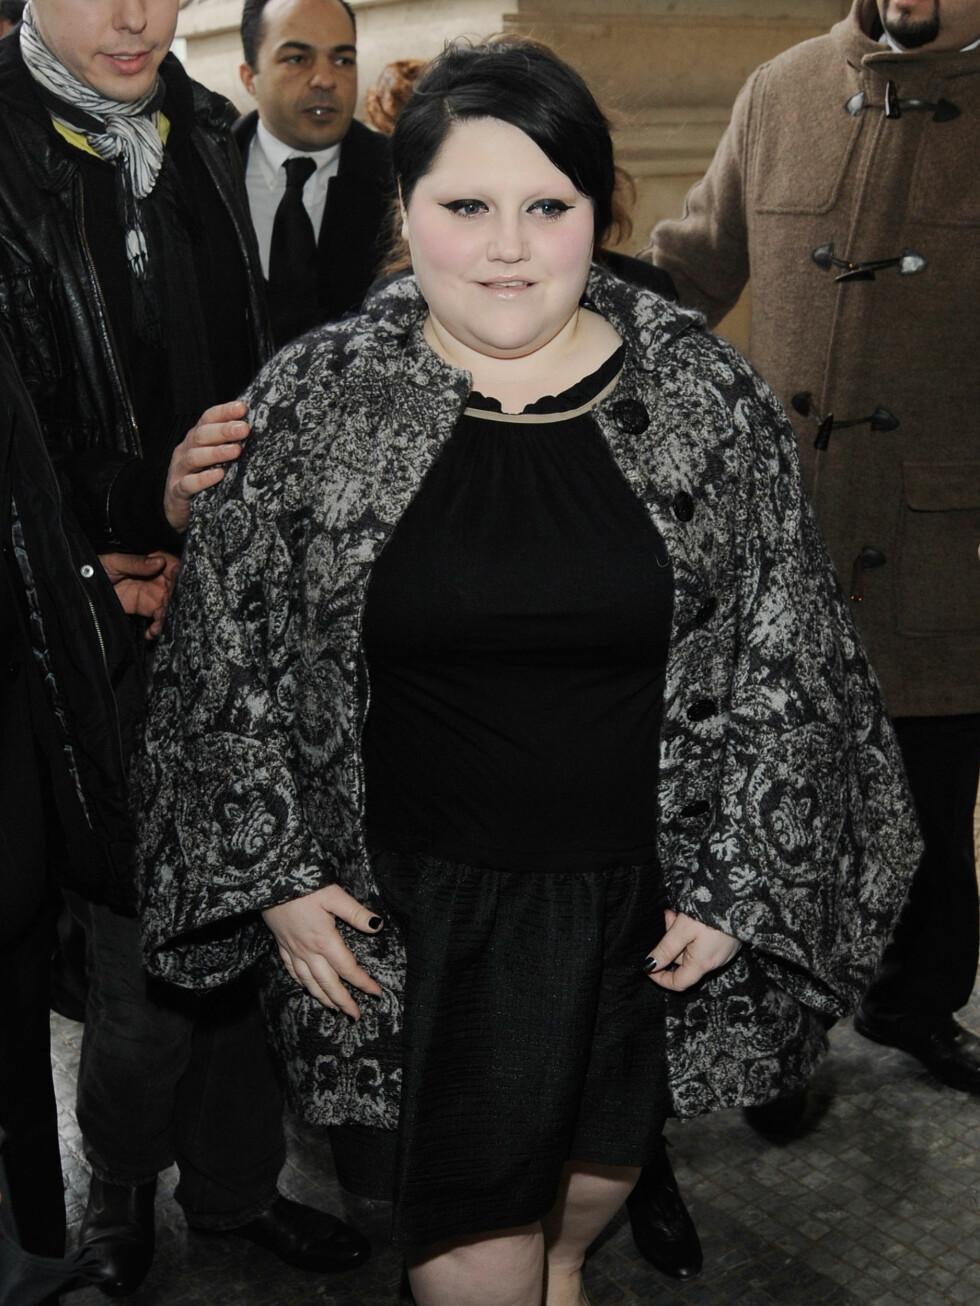 Beth Ditto fra The Gossip kjørte svart og mønstret stil. Foto: All Over Press